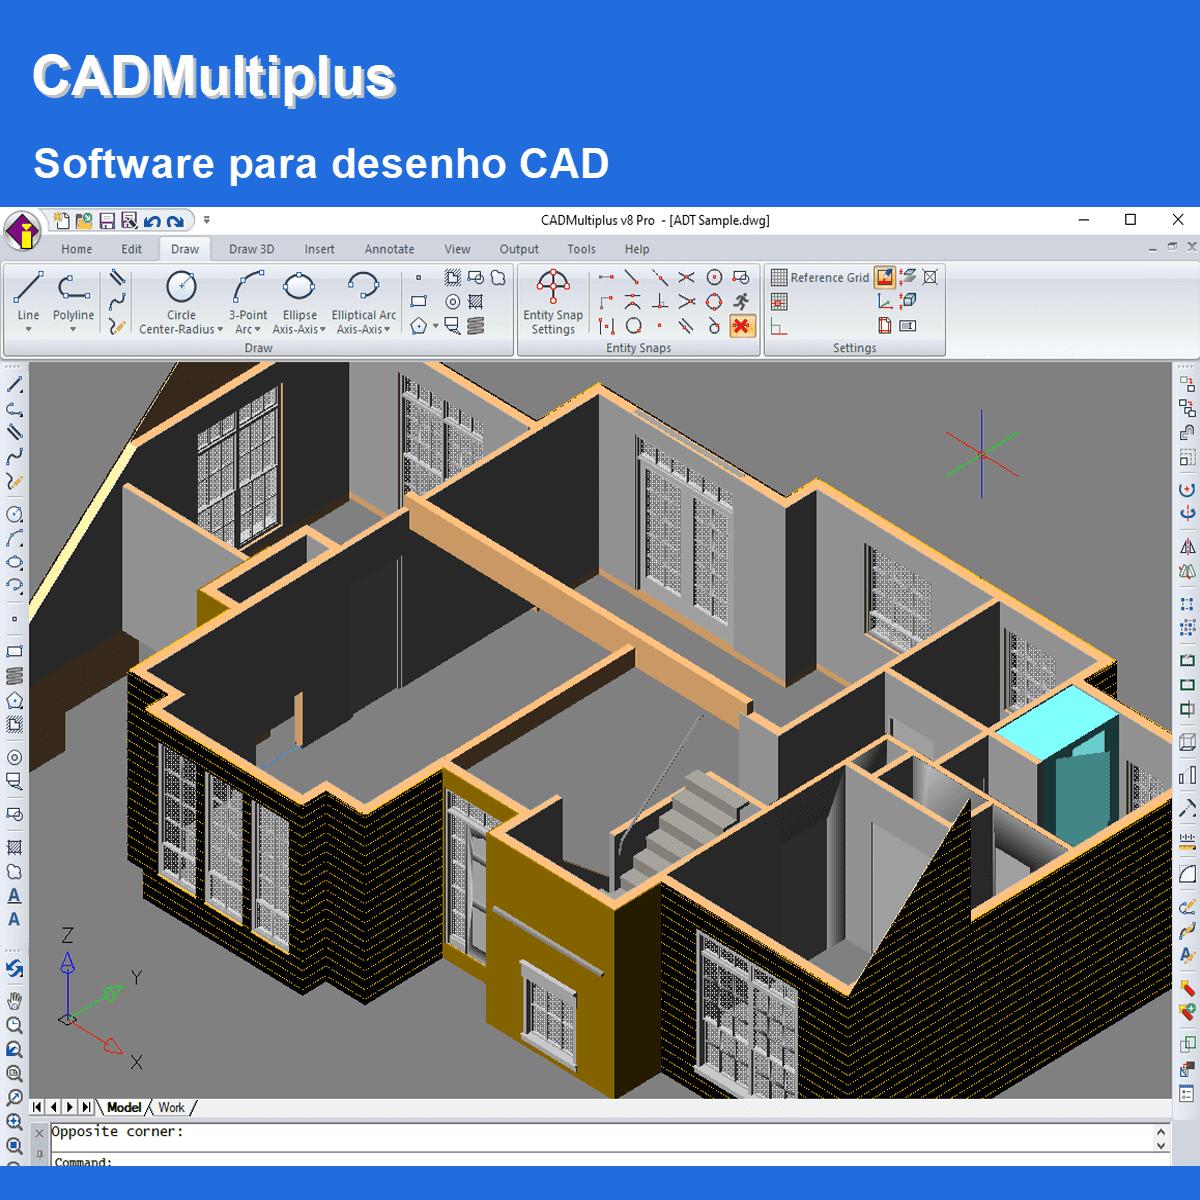 Software CADMultiplus pacote PRO versão V8  - MULTIPLUS SOFTWARES